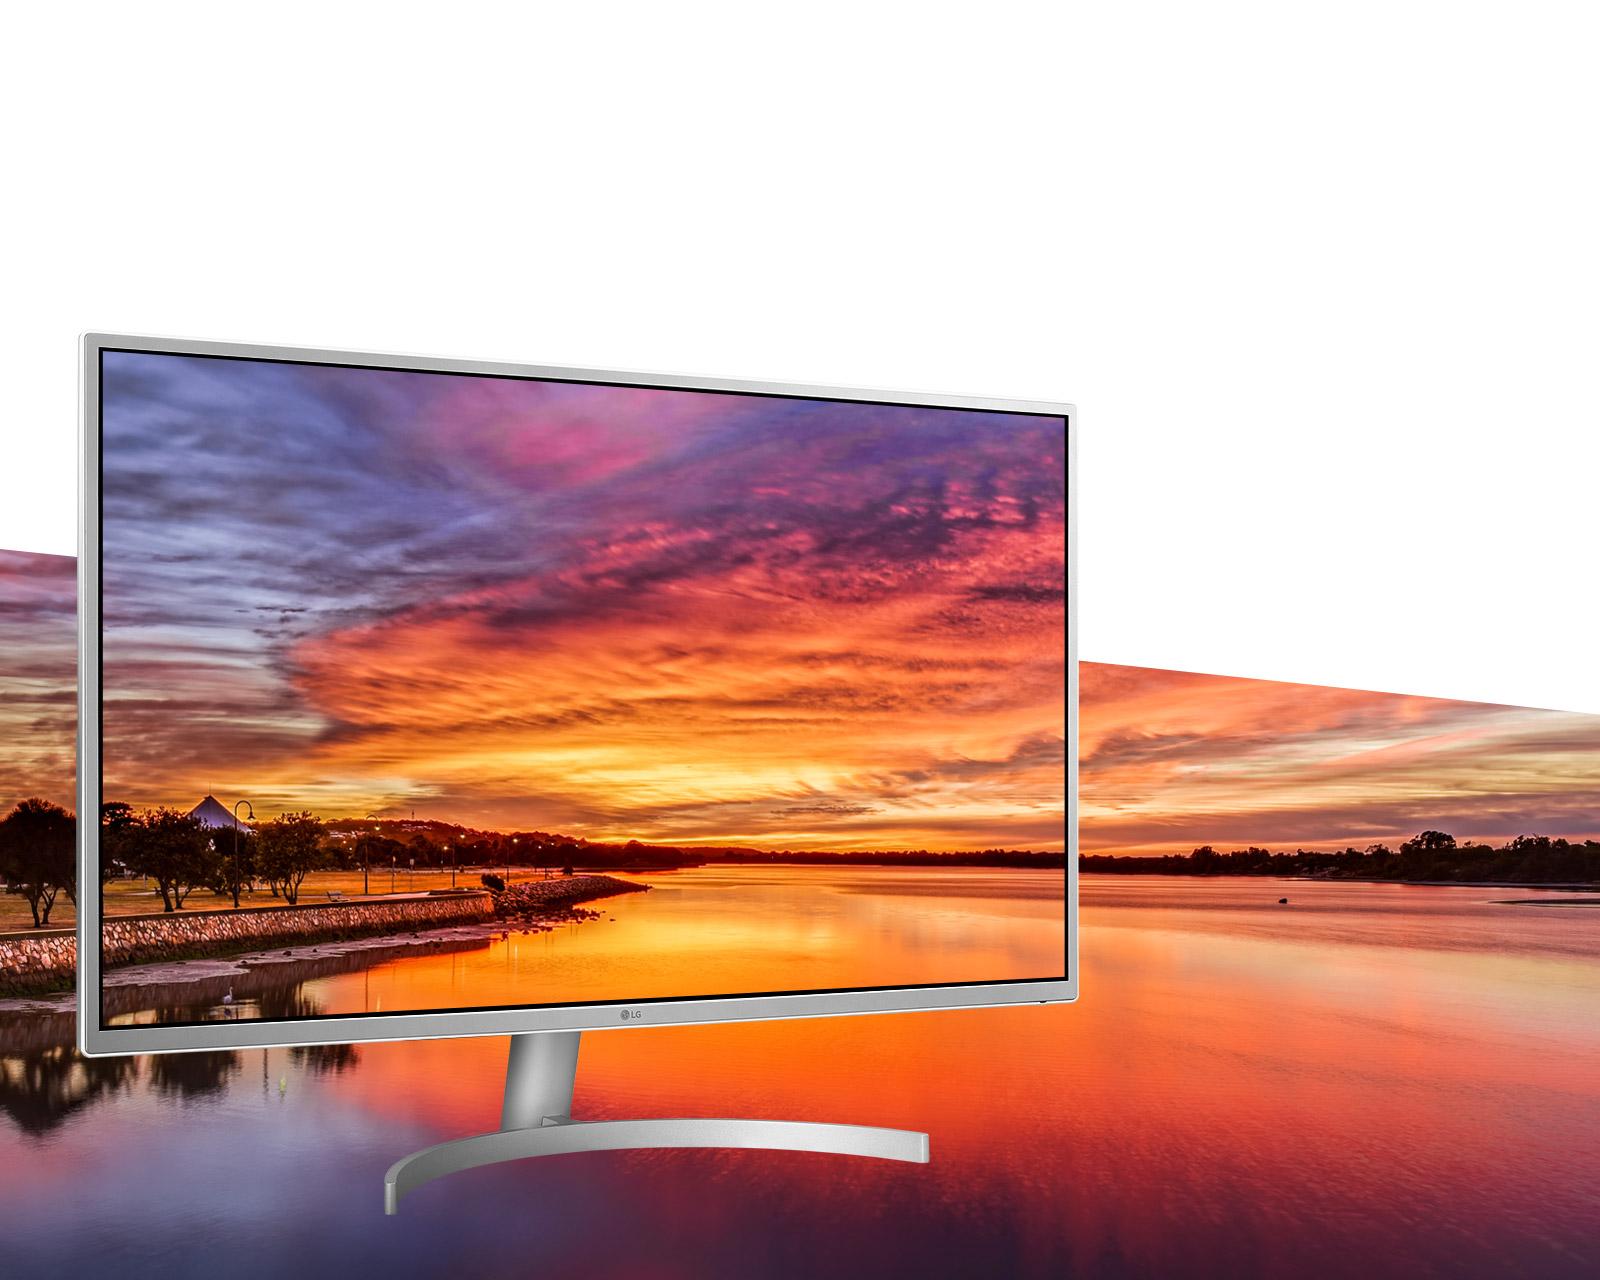 شركة إل جي تكشف عن شاشة 32 بوصة جديدة بدقة عرض UHD